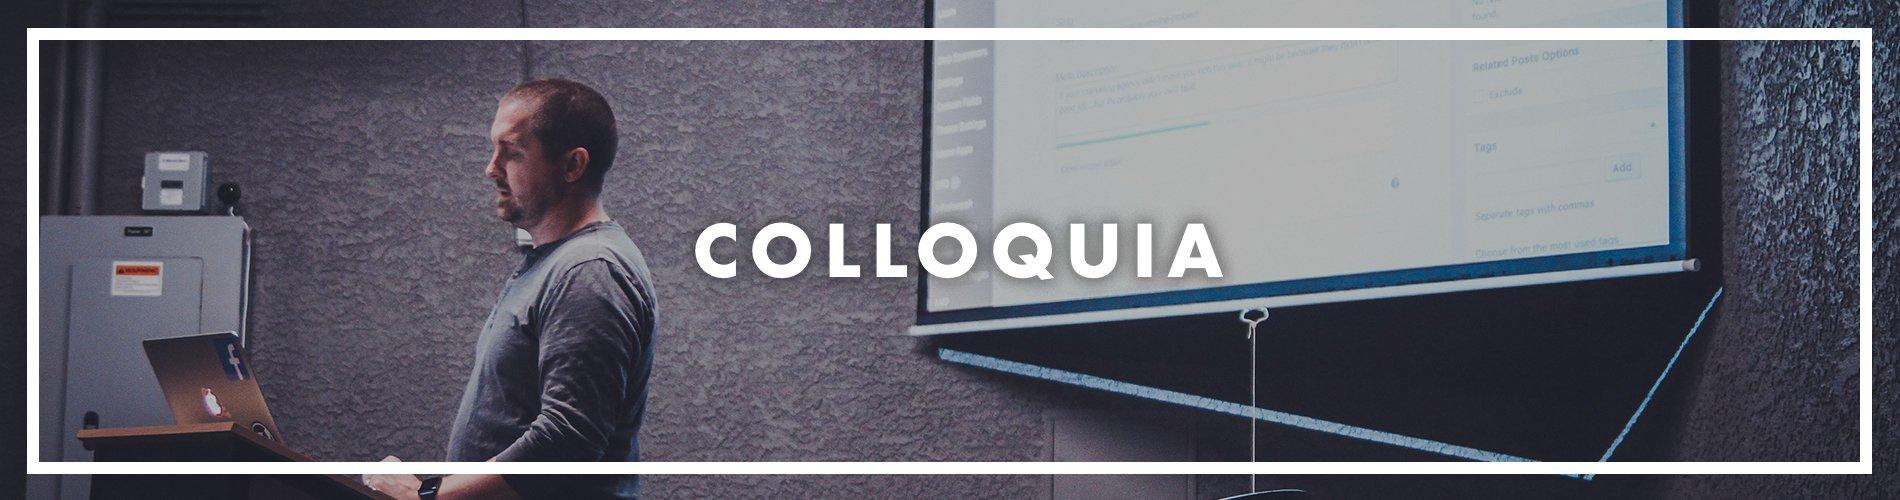 Colloquia banner